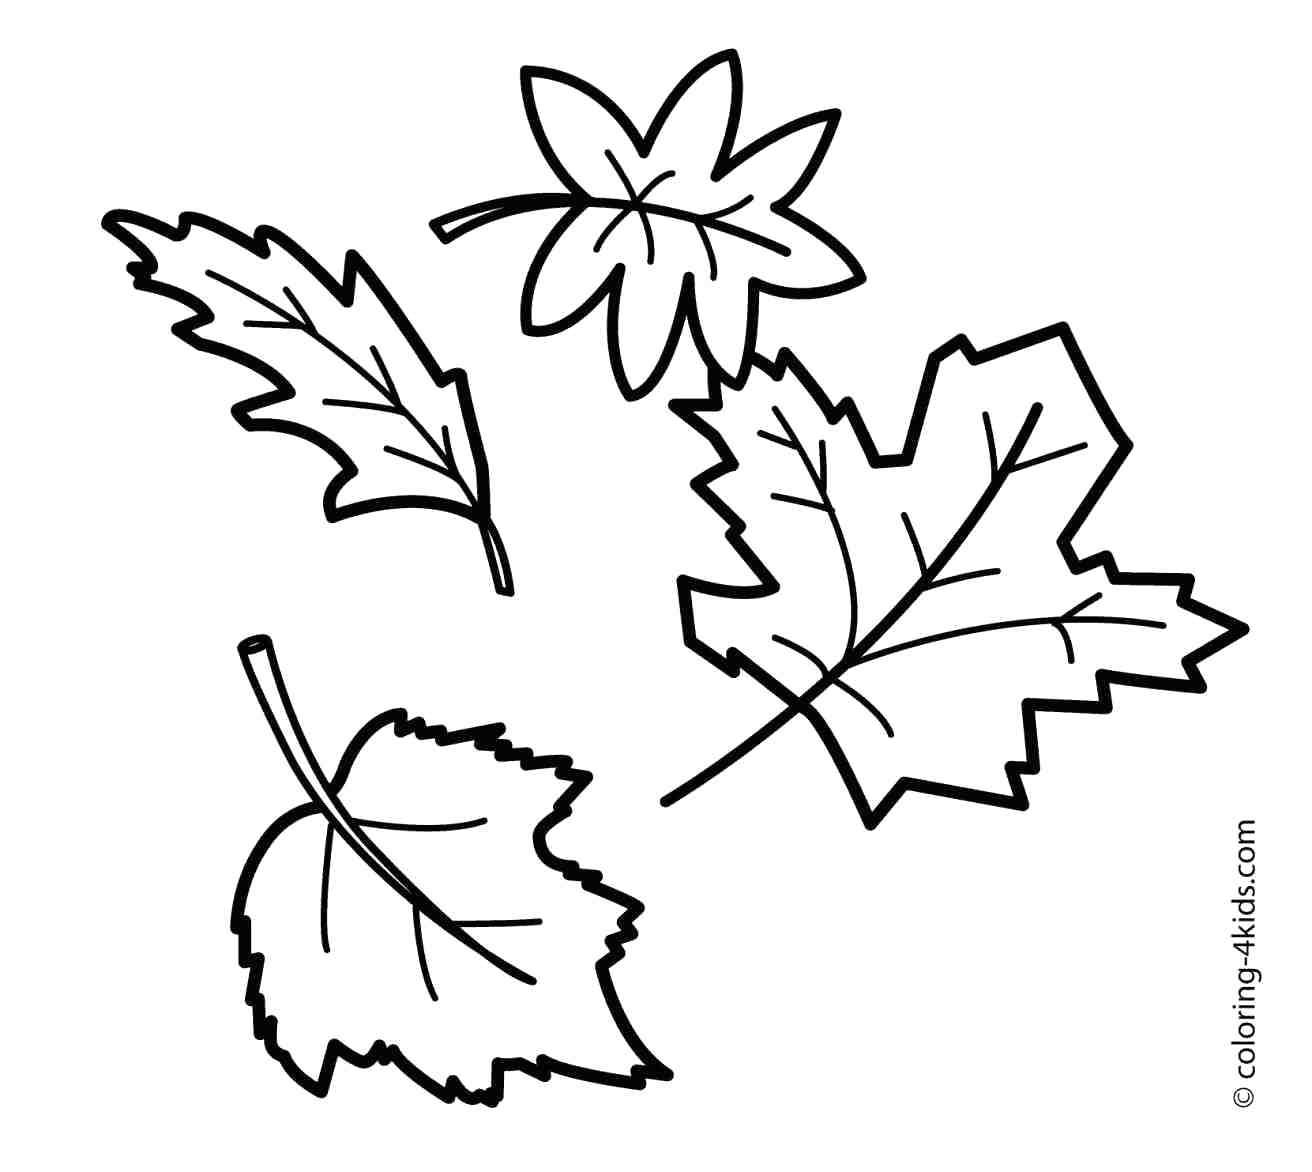 Holly Leaf Outline